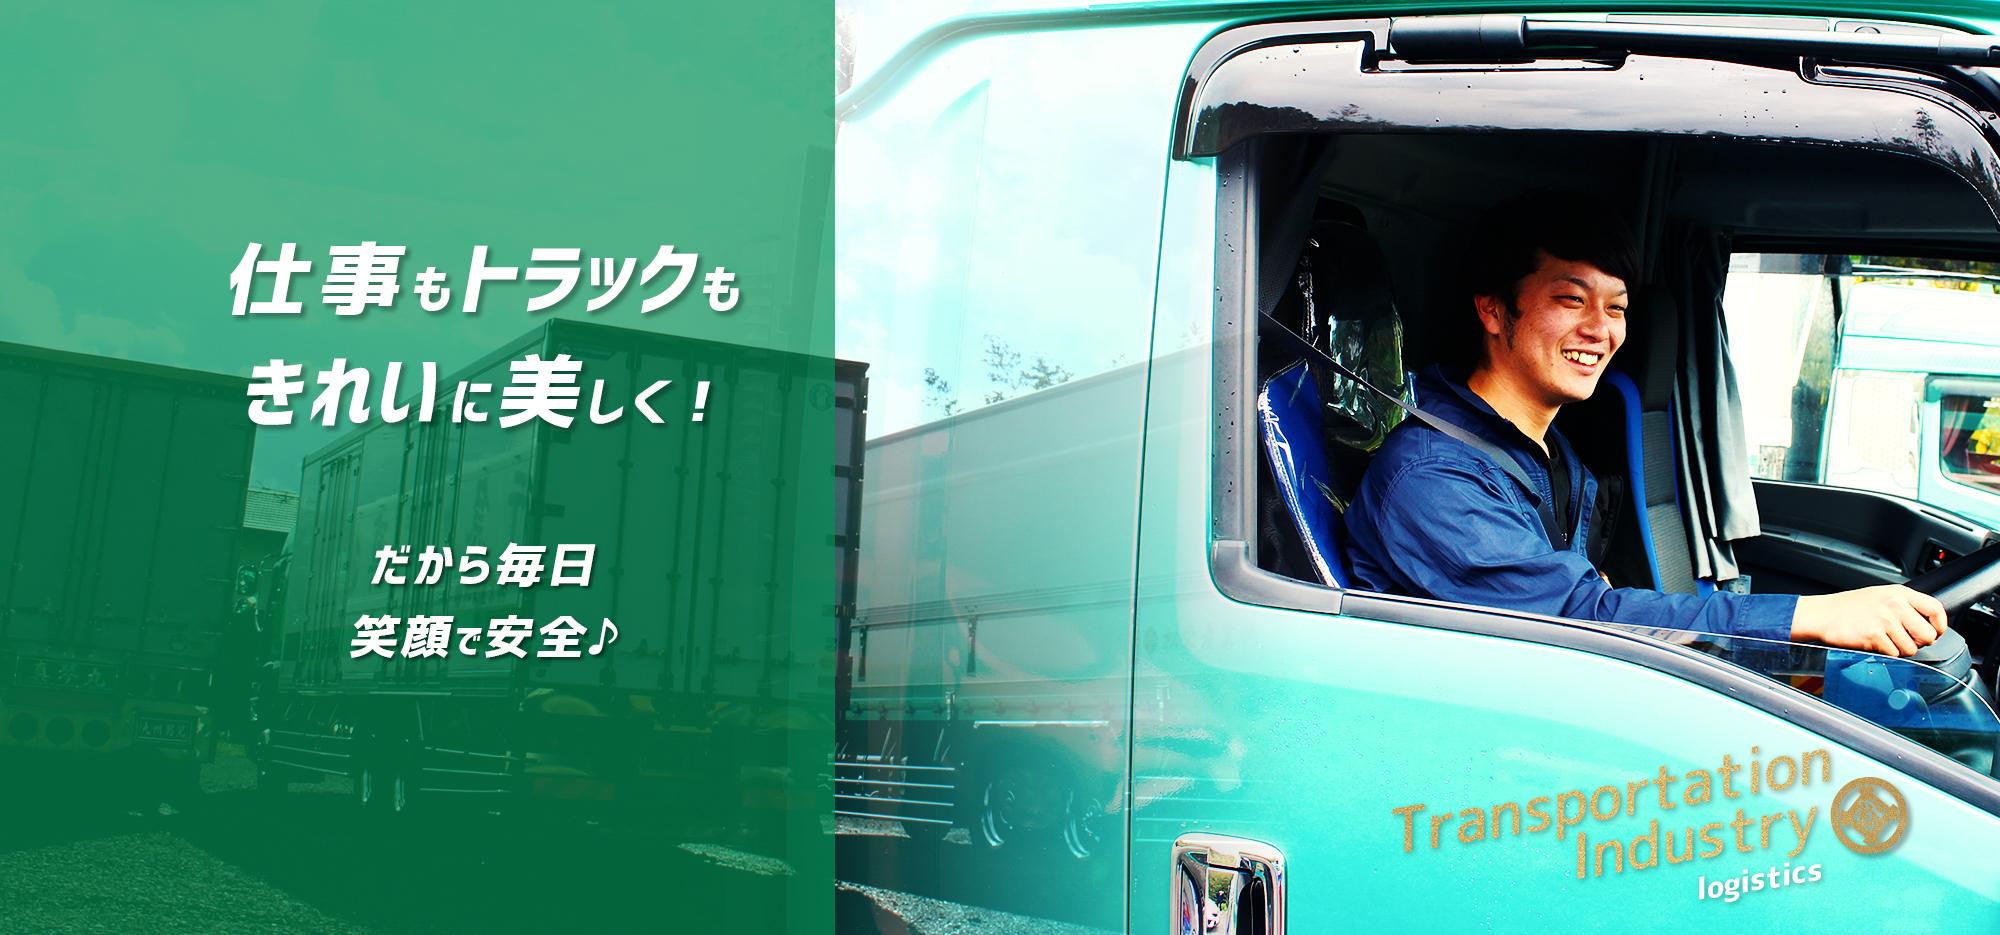 「仕事もトラックもきれいに美しく! だから毎日、笑顔で安全♪」